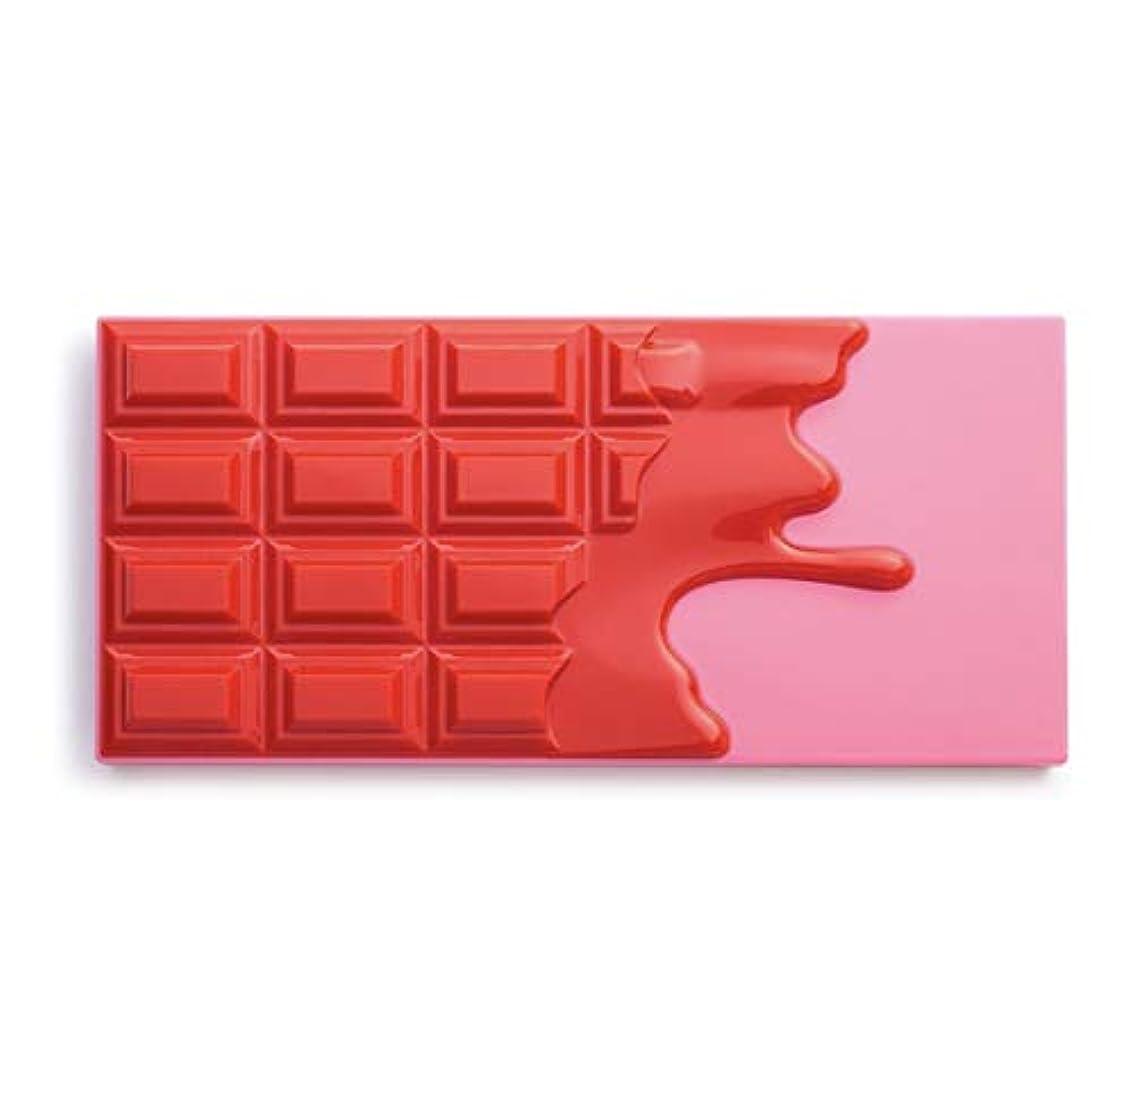 日付付き不均一ホーンメイクアップレボリューション アイラブメイクアップ チョコレート型18色アイシャドウパレット #Cherry Chocolate